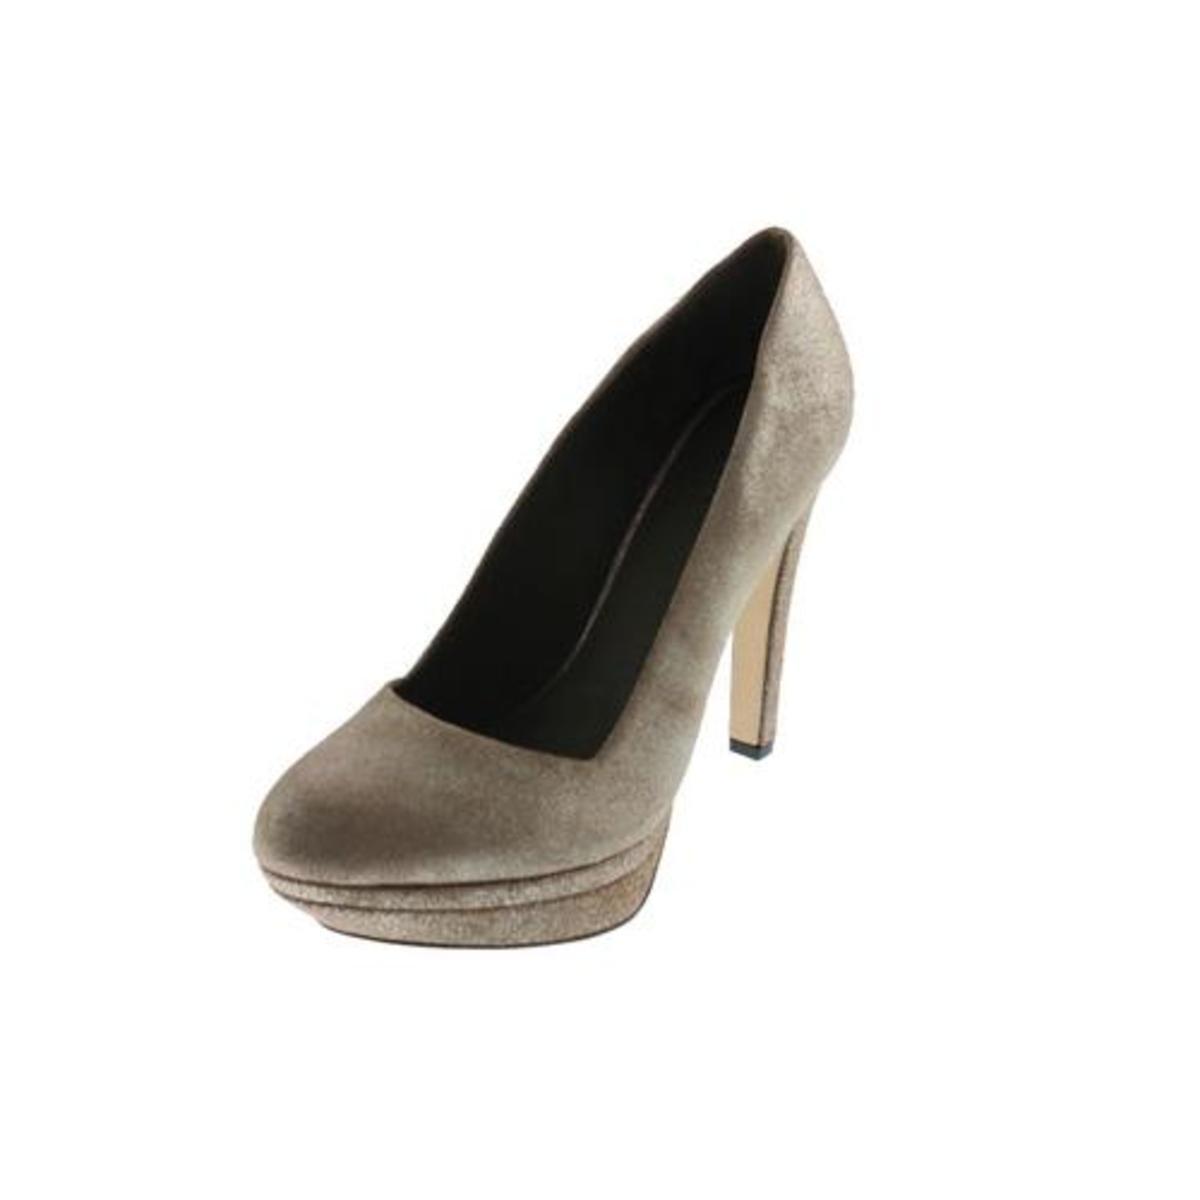 New DIESEL DIESEL DIESEL Melpink Ashly Metallic Brown Silver Leather Platform Pumps Heels 6 e26529